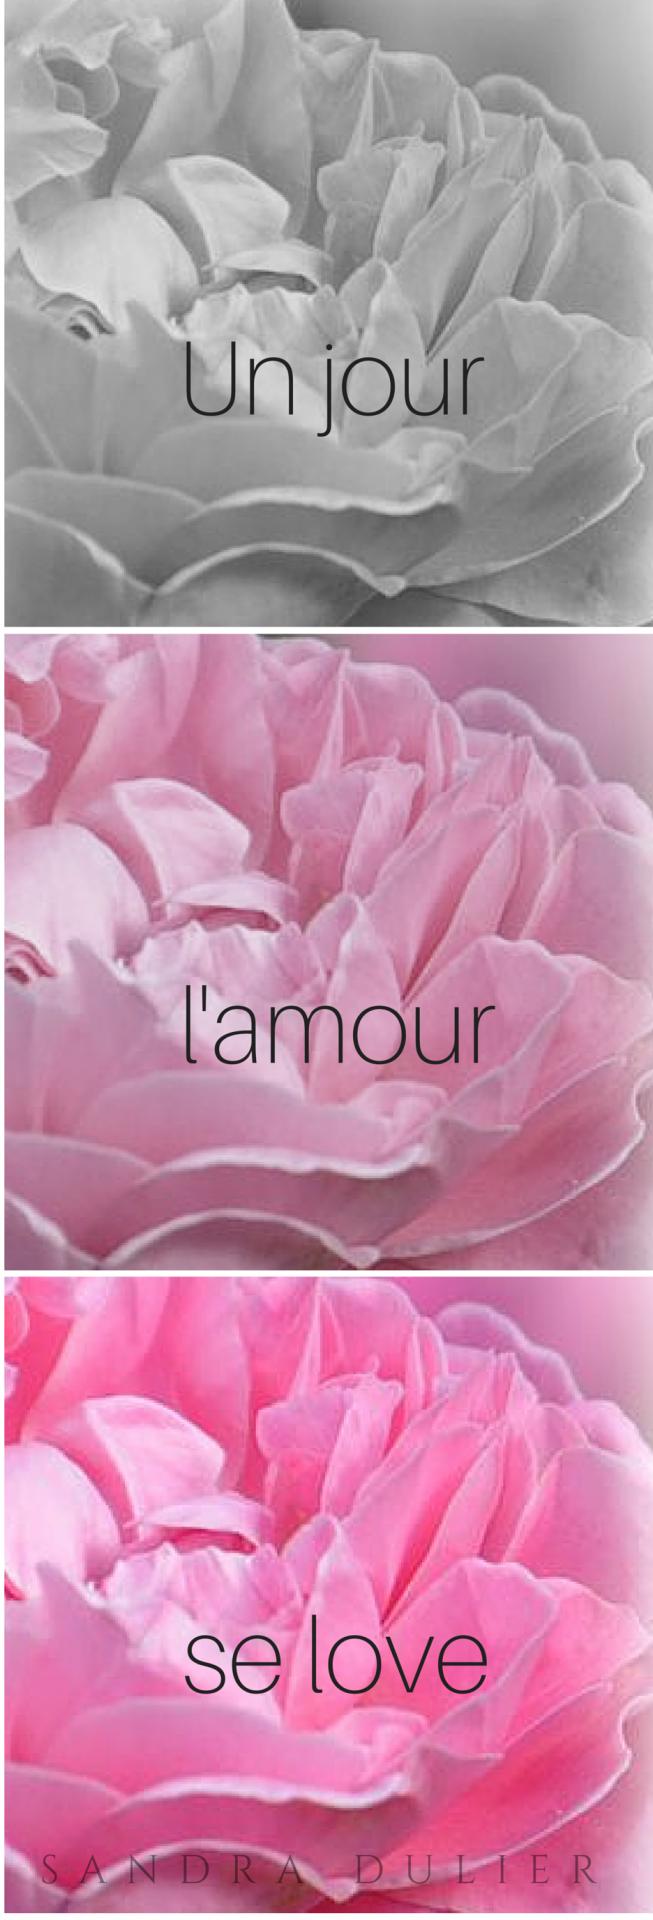 Une Définition De Lamour En Poésie